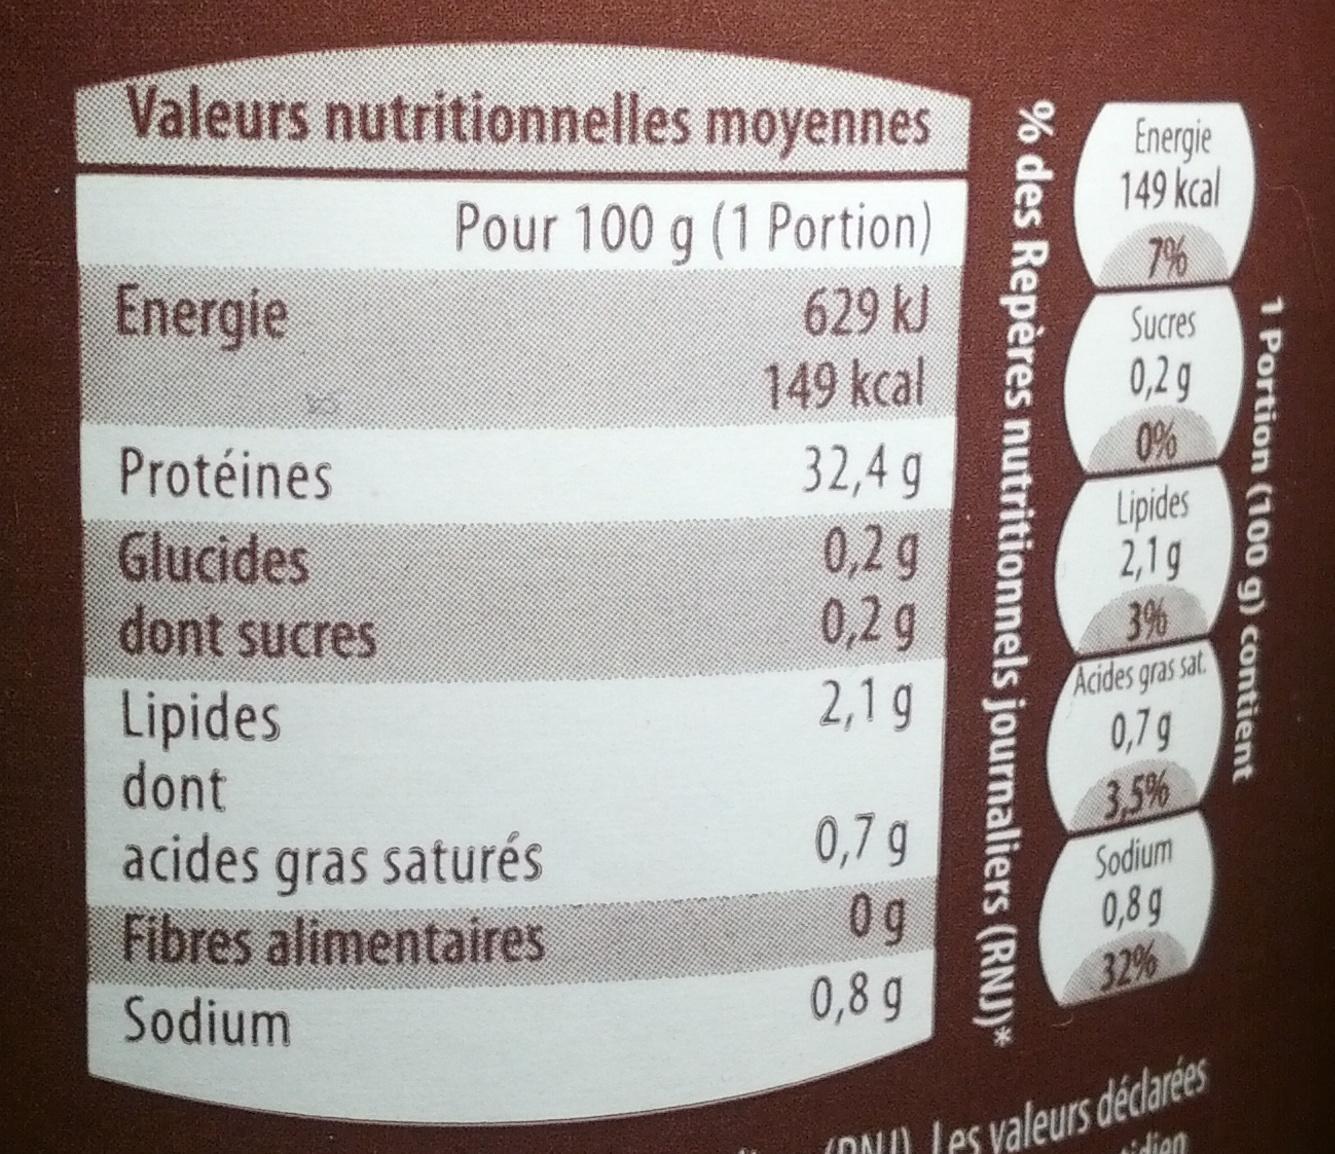 Crème glacée cookie double trouble - Informations nutritionnelles